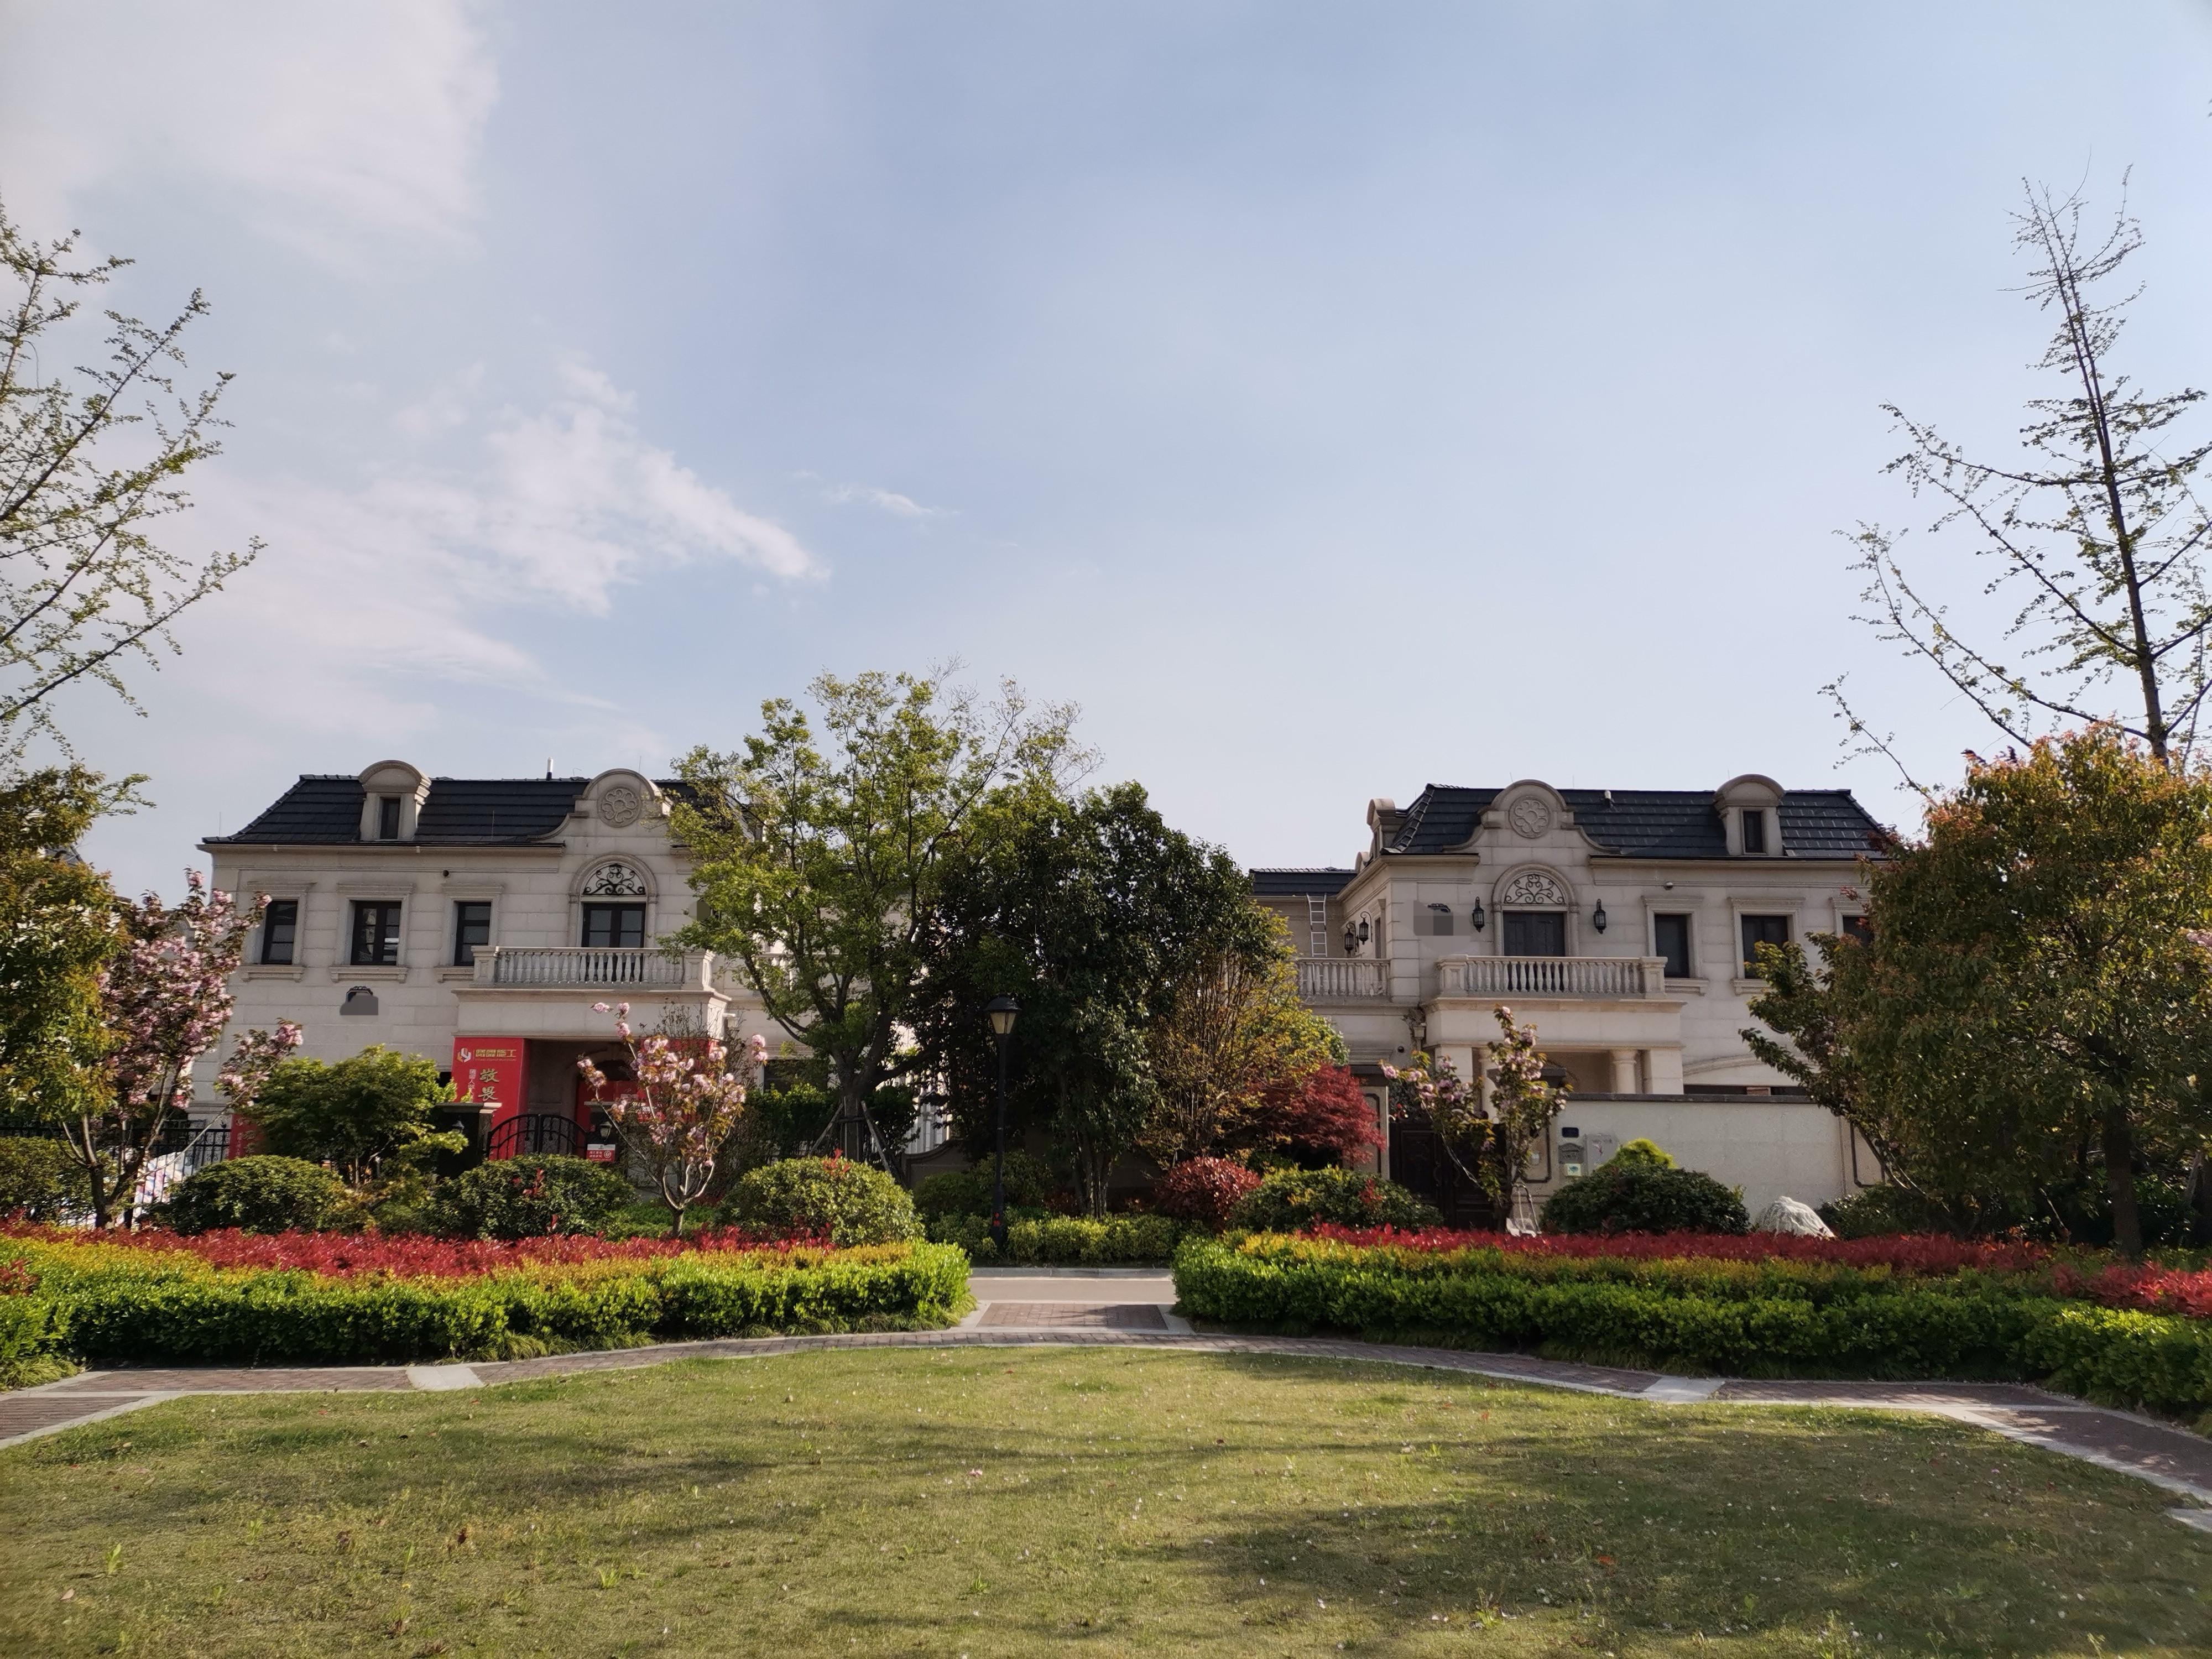 徐州·国信君邑 拥有中央空调+地暖+新风+除湿的家,是舒适的港湾!